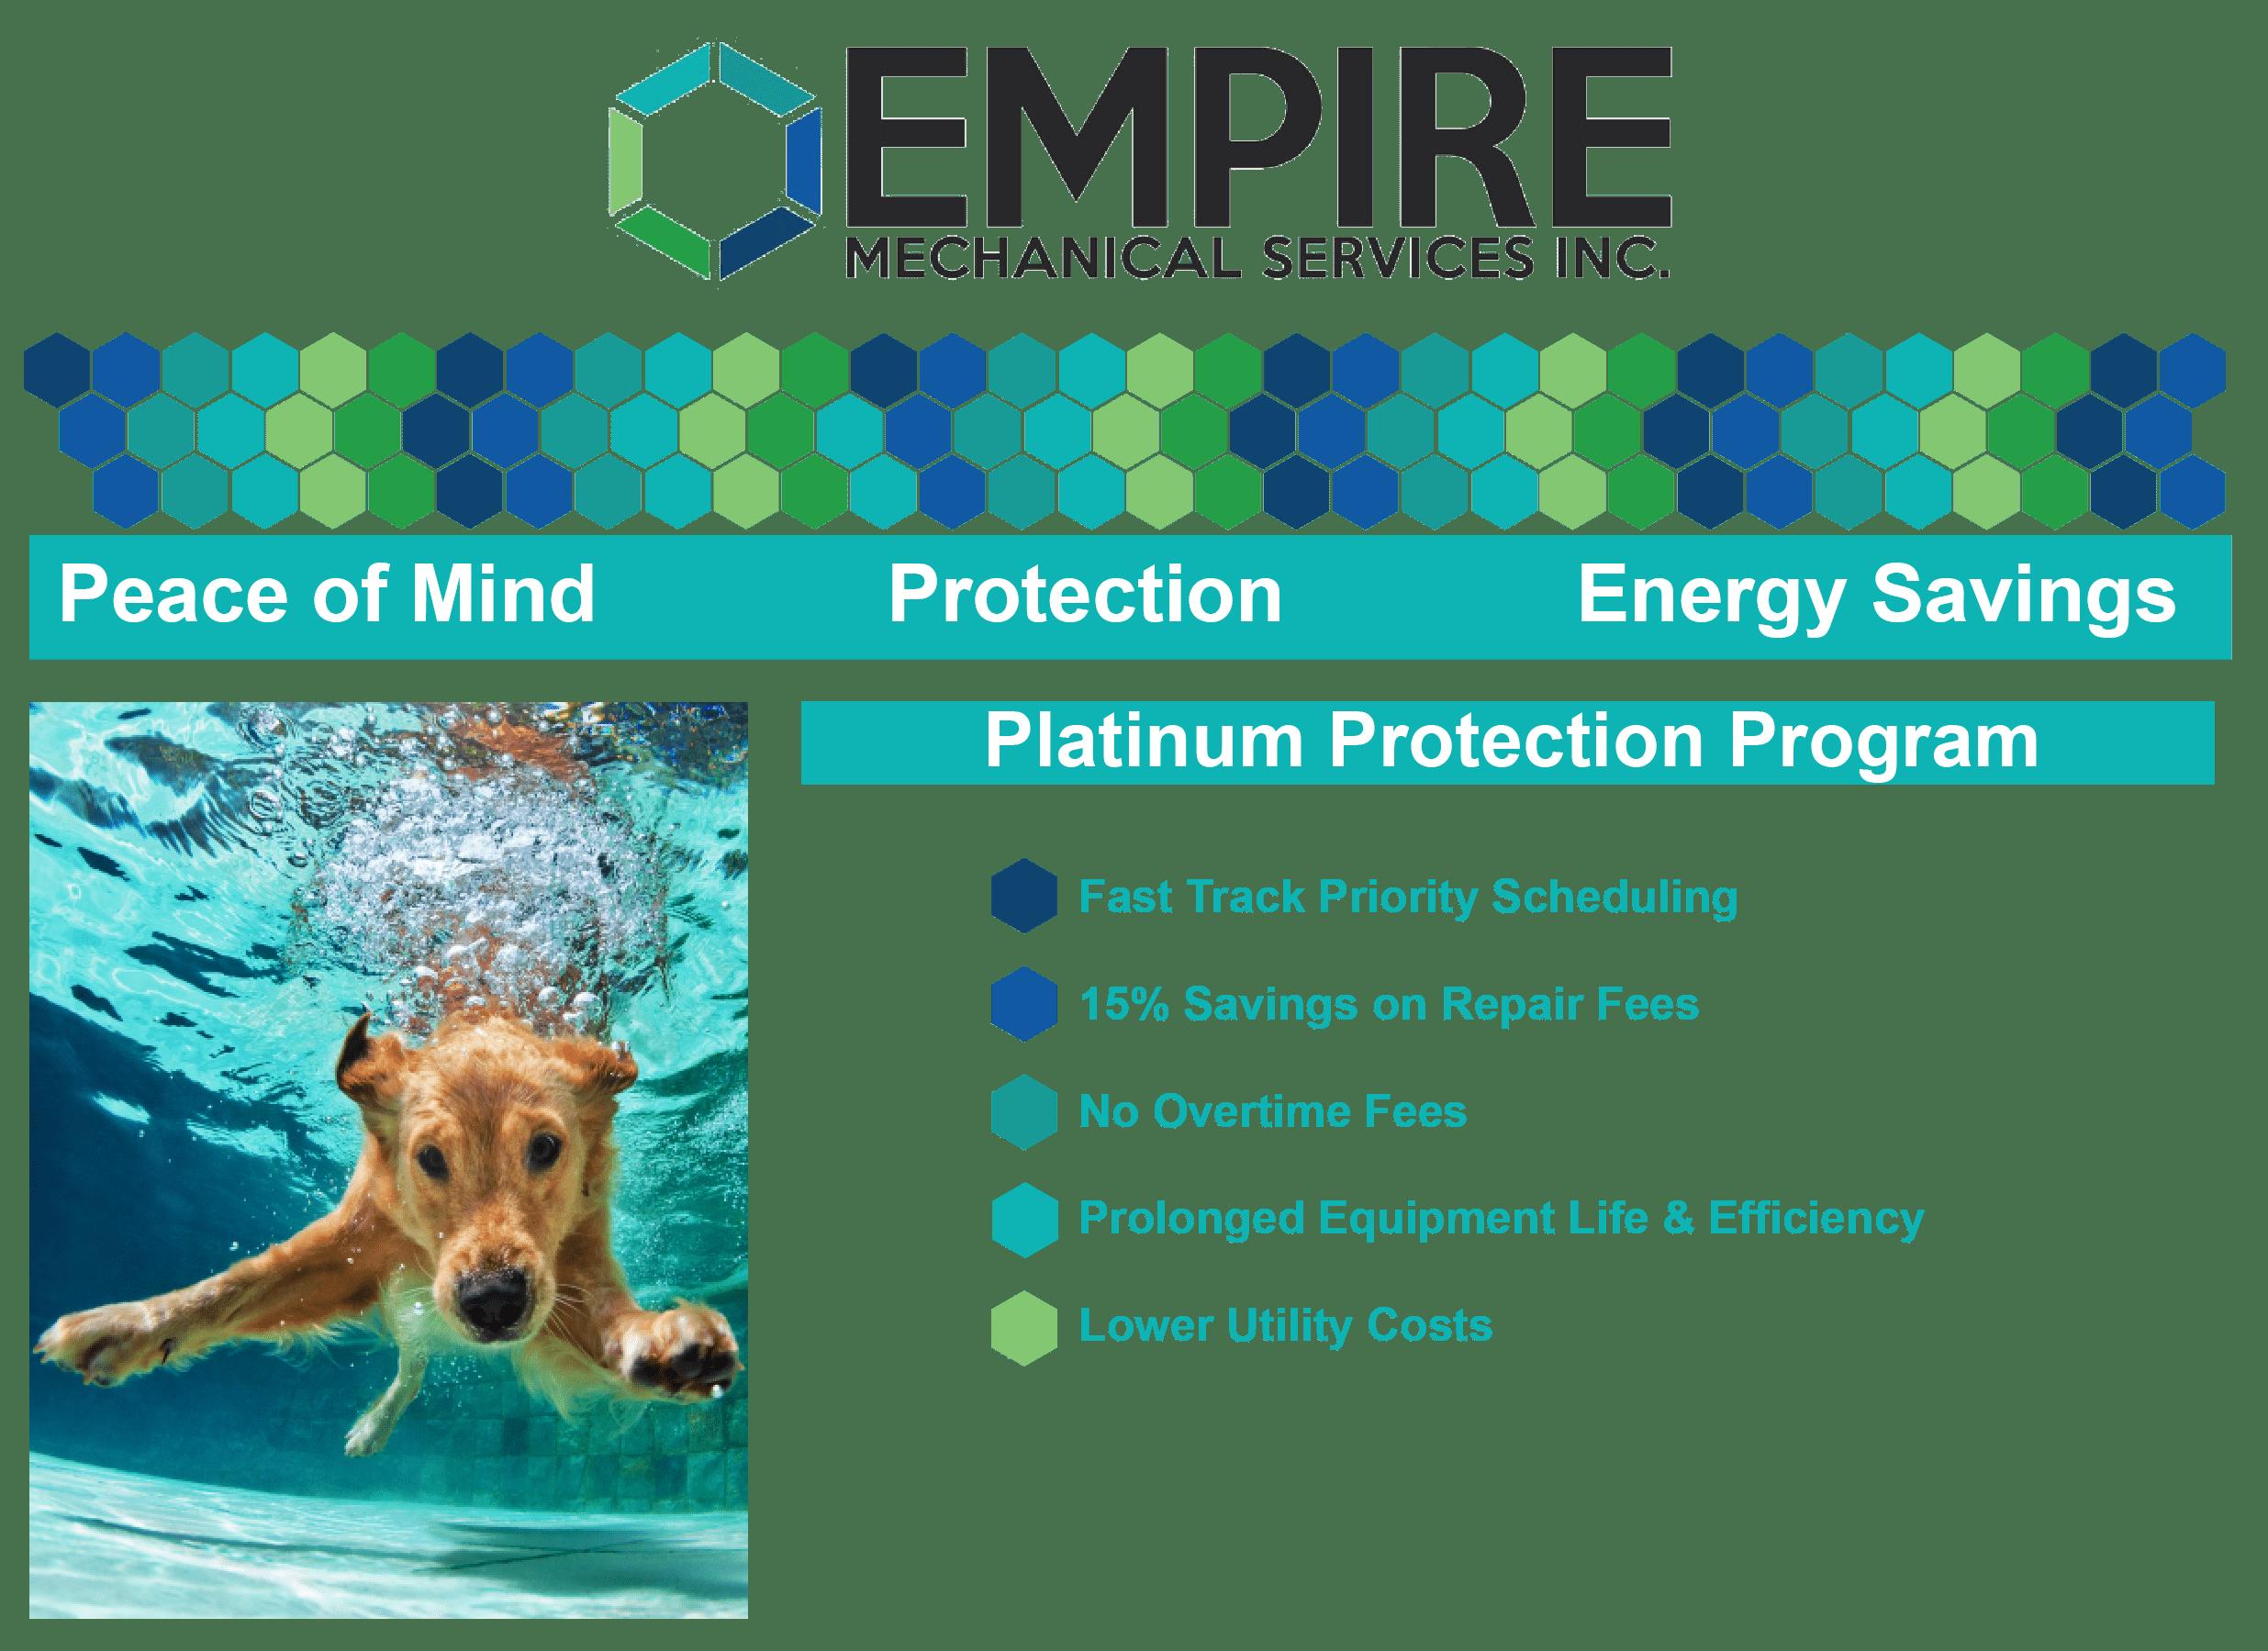 EMP_Empire Platinum Protection info.